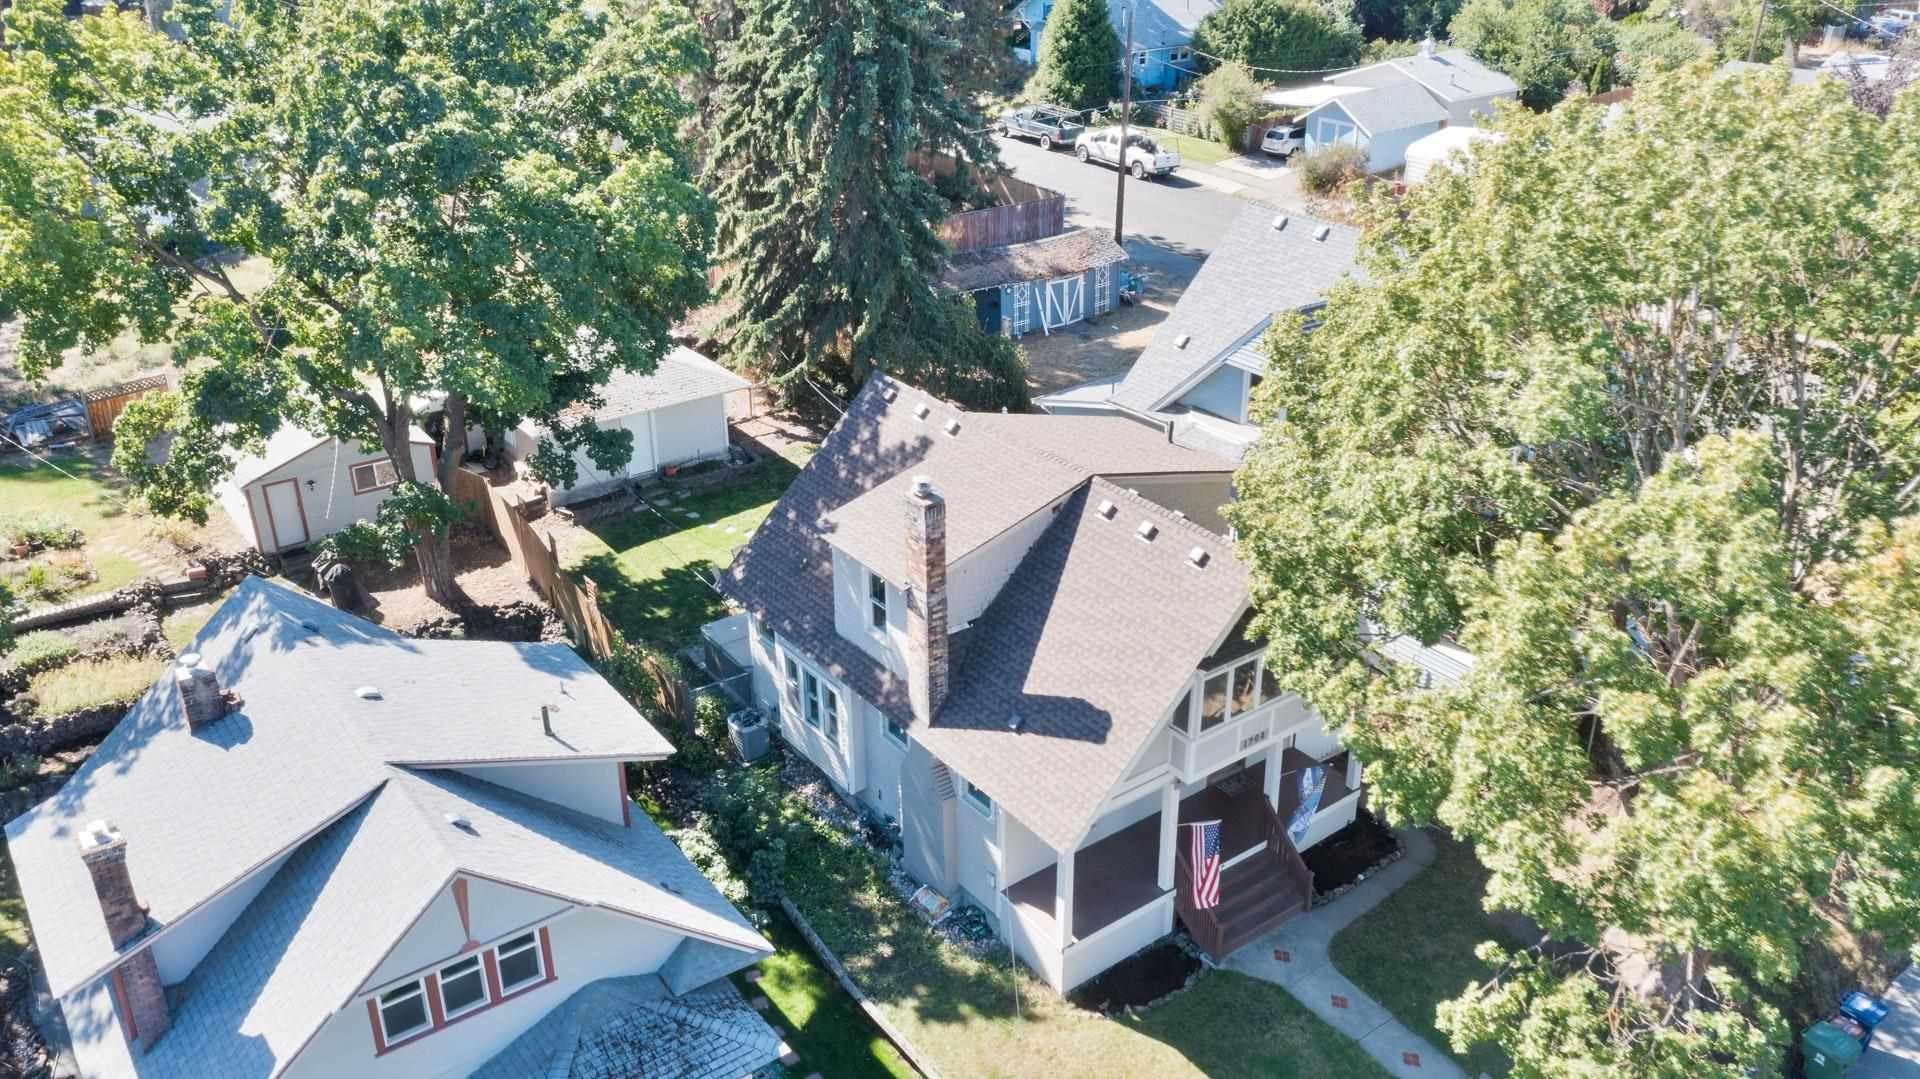 Photo of 1908 E 12th, Spokane, WA 99202, Spokane, WA 99202 Ave, Spokane, WA 99202 (MLS # 202122559)